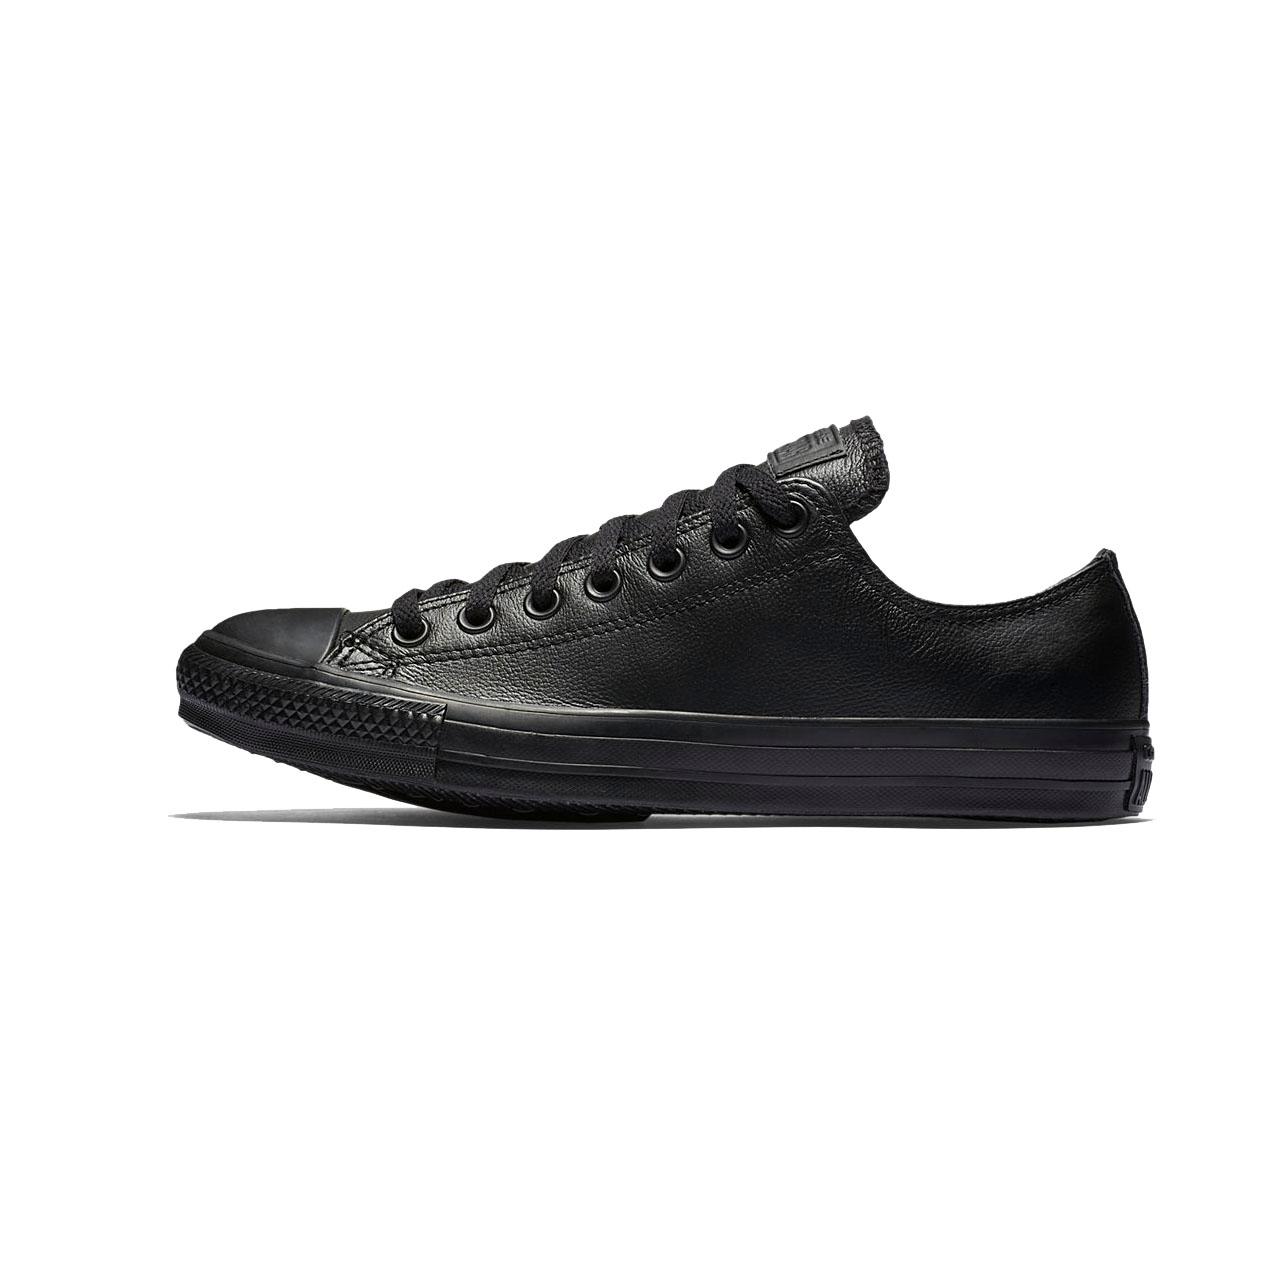 قیمت کفش مخصوص پیاده روی مردانه کانورس مدل Chuck Taylor